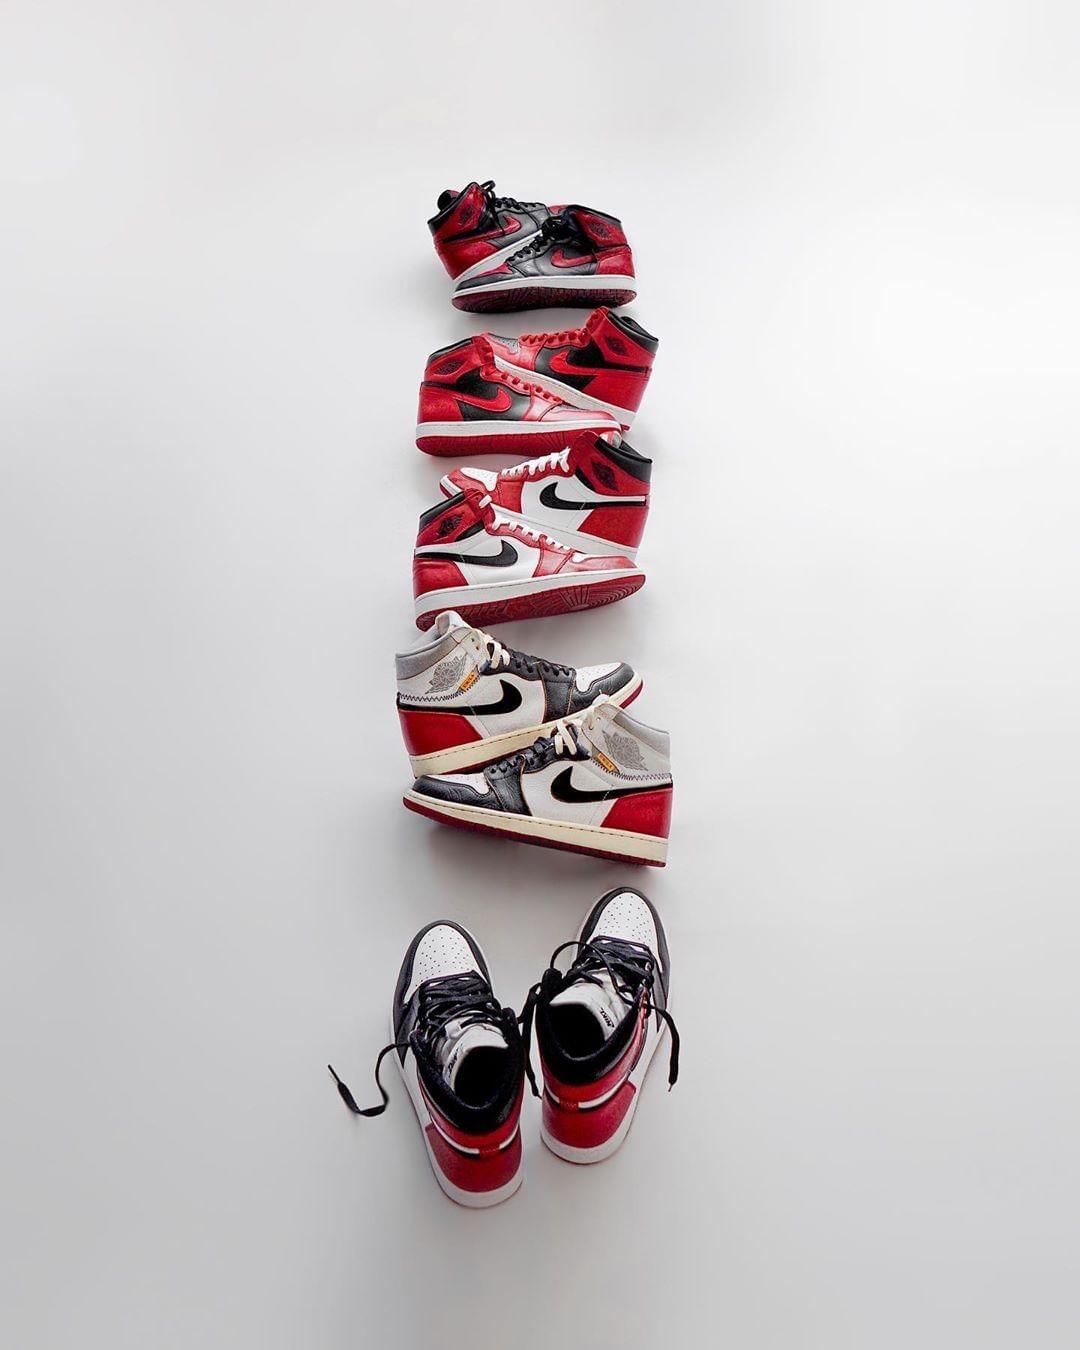 發售,Yeezy,AJ1,Air Jordan 1  AJ1 崩盤!Yeezy 全線降價!但「張藝興匡威」翻倍暴漲不可思議...